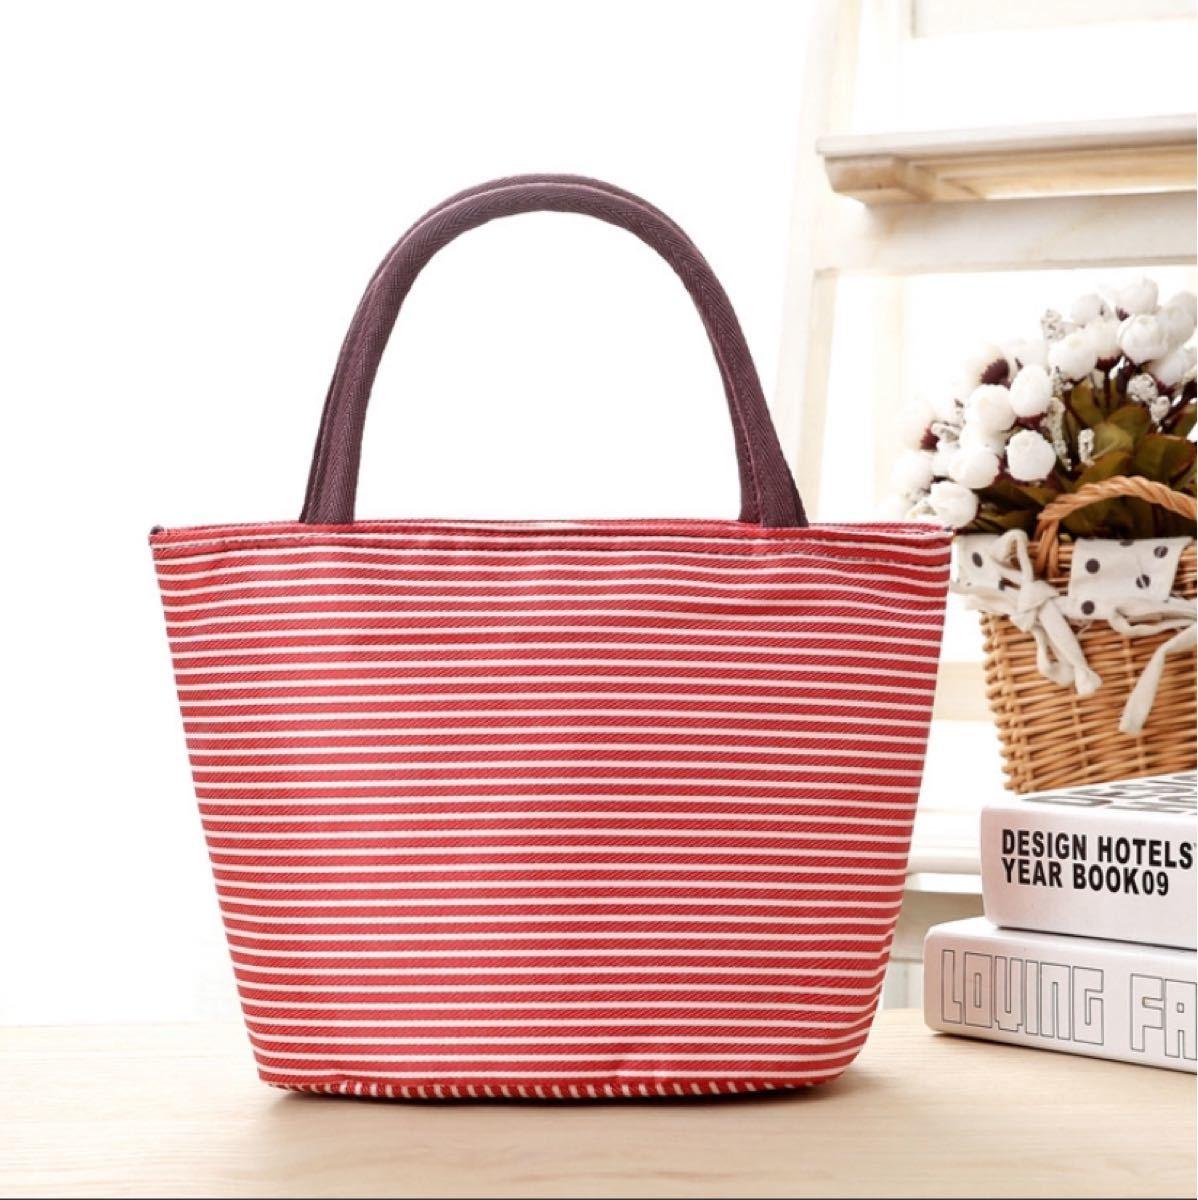 ミニバッグ 帆布 ミニトートバッグ 大容量 手提げ ランチバッグ お弁当袋